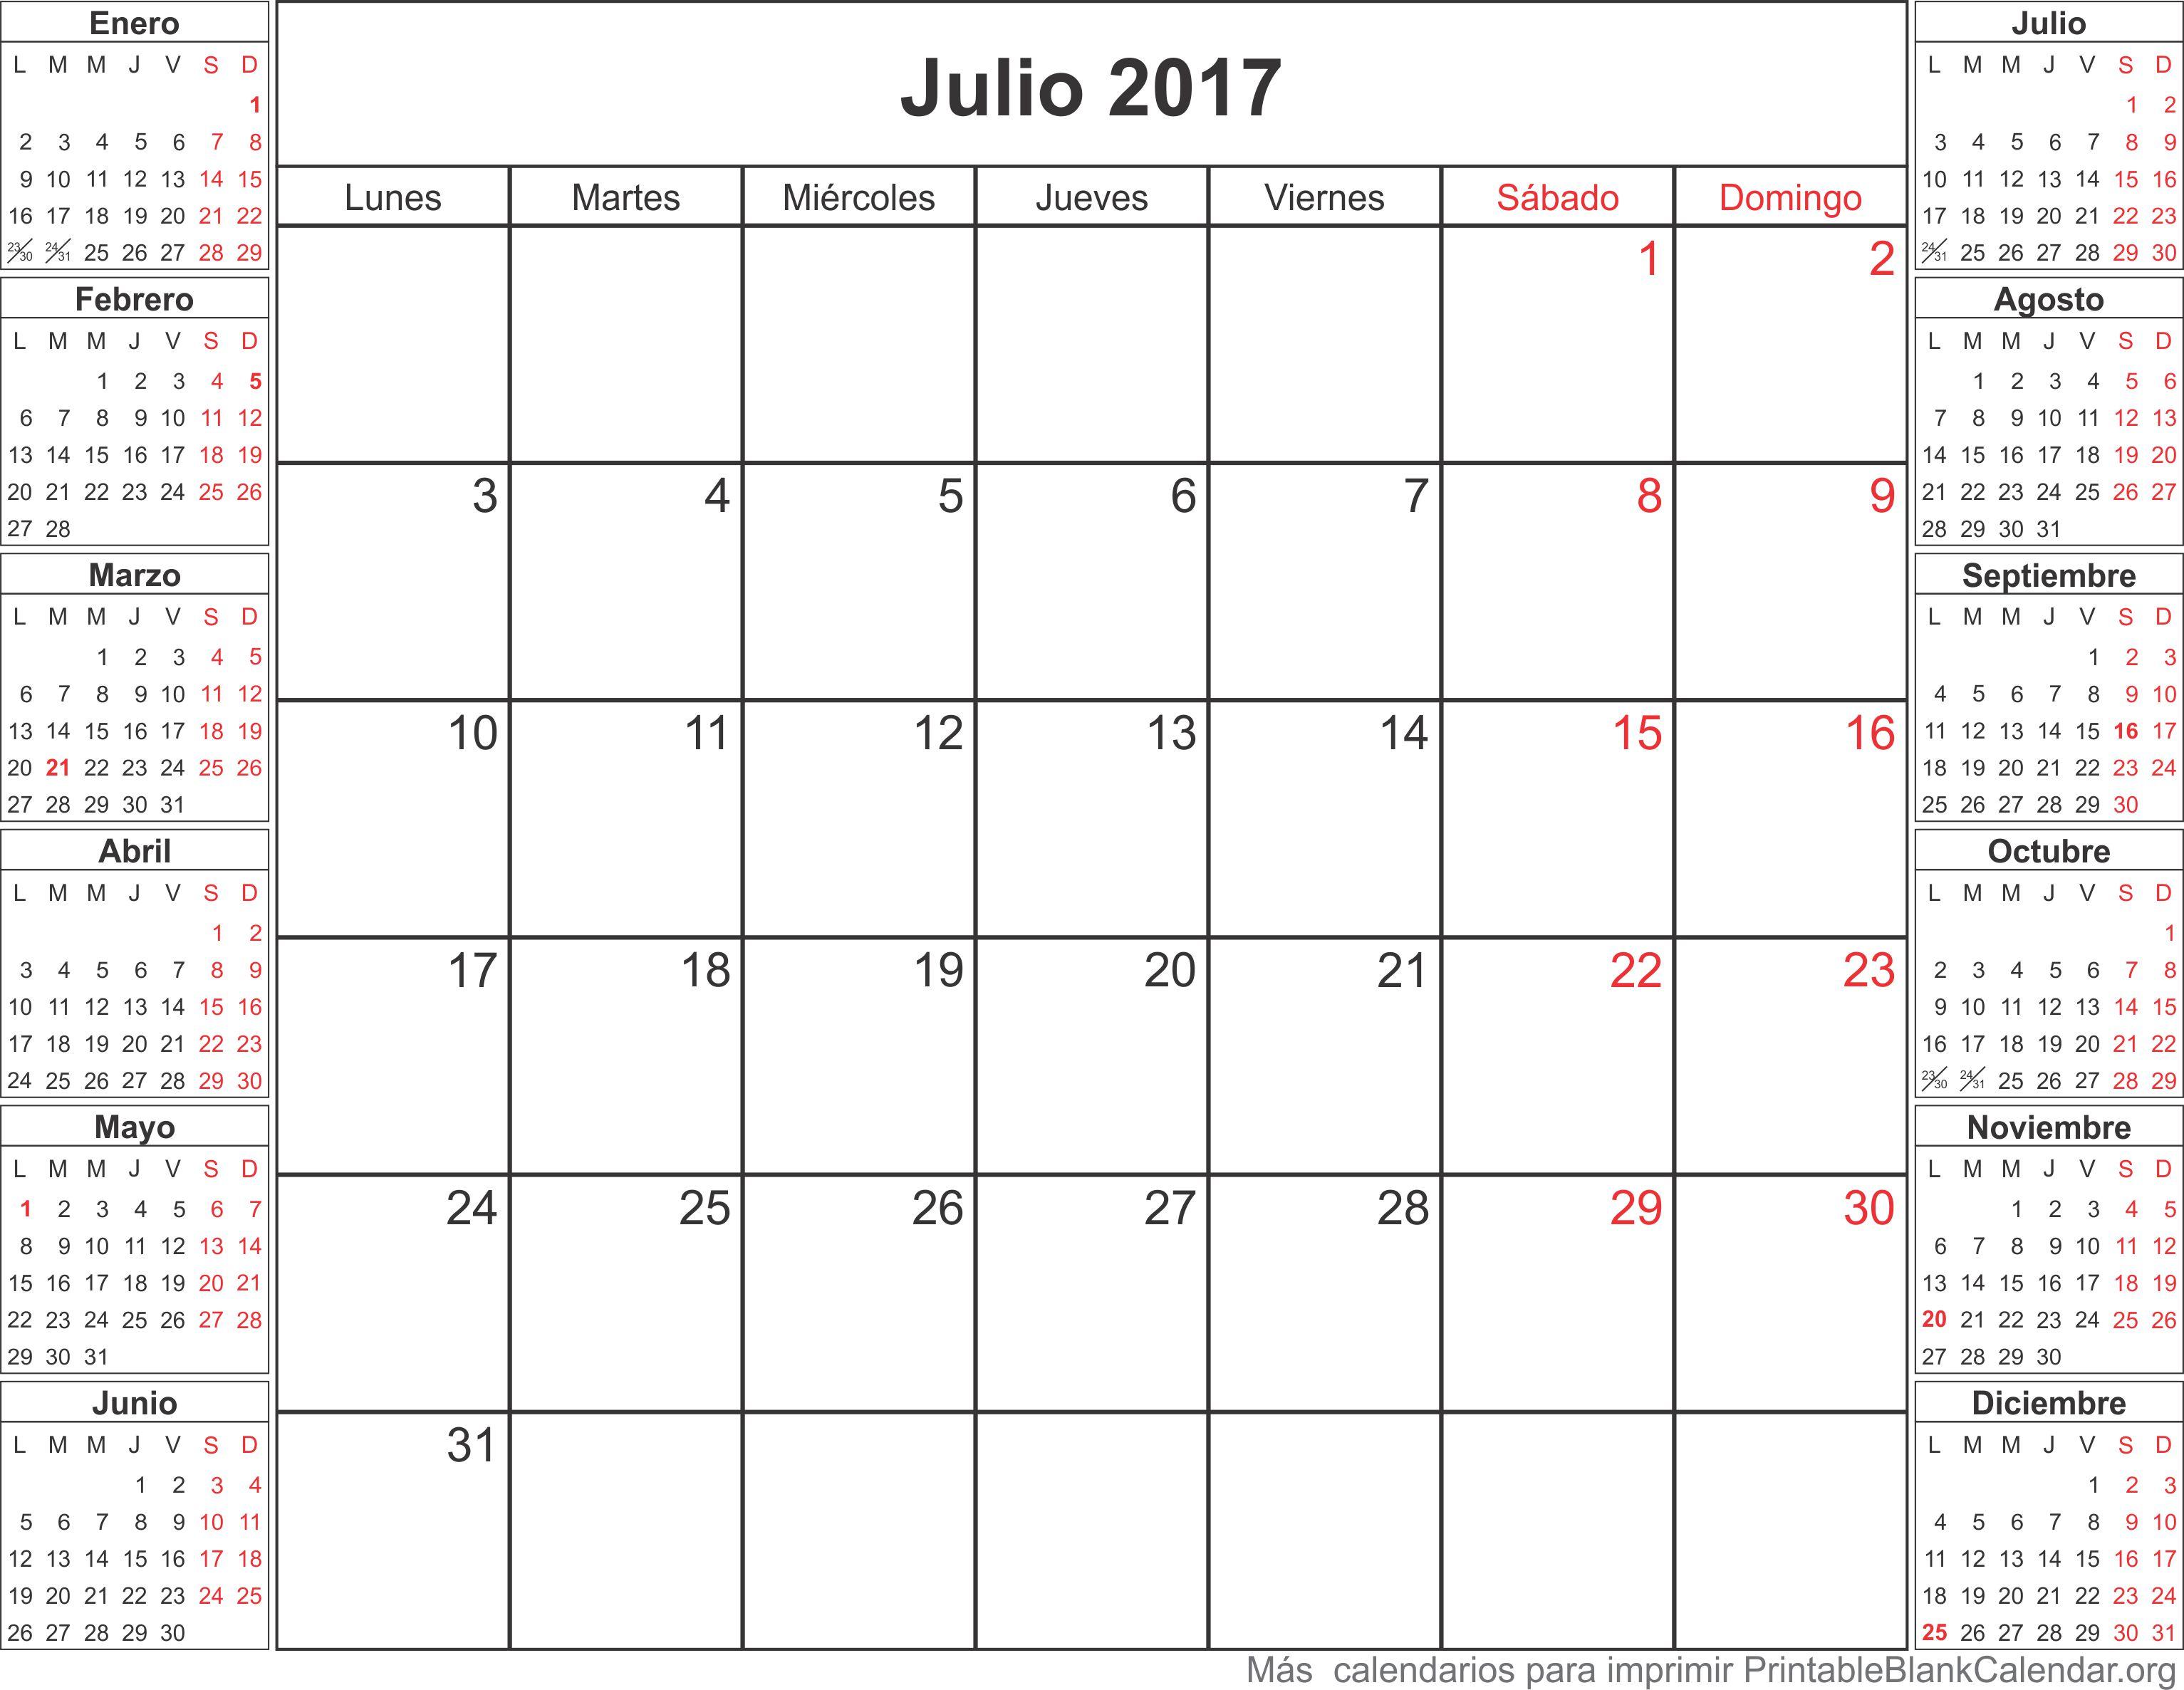 calendario para imprimir julio 2017